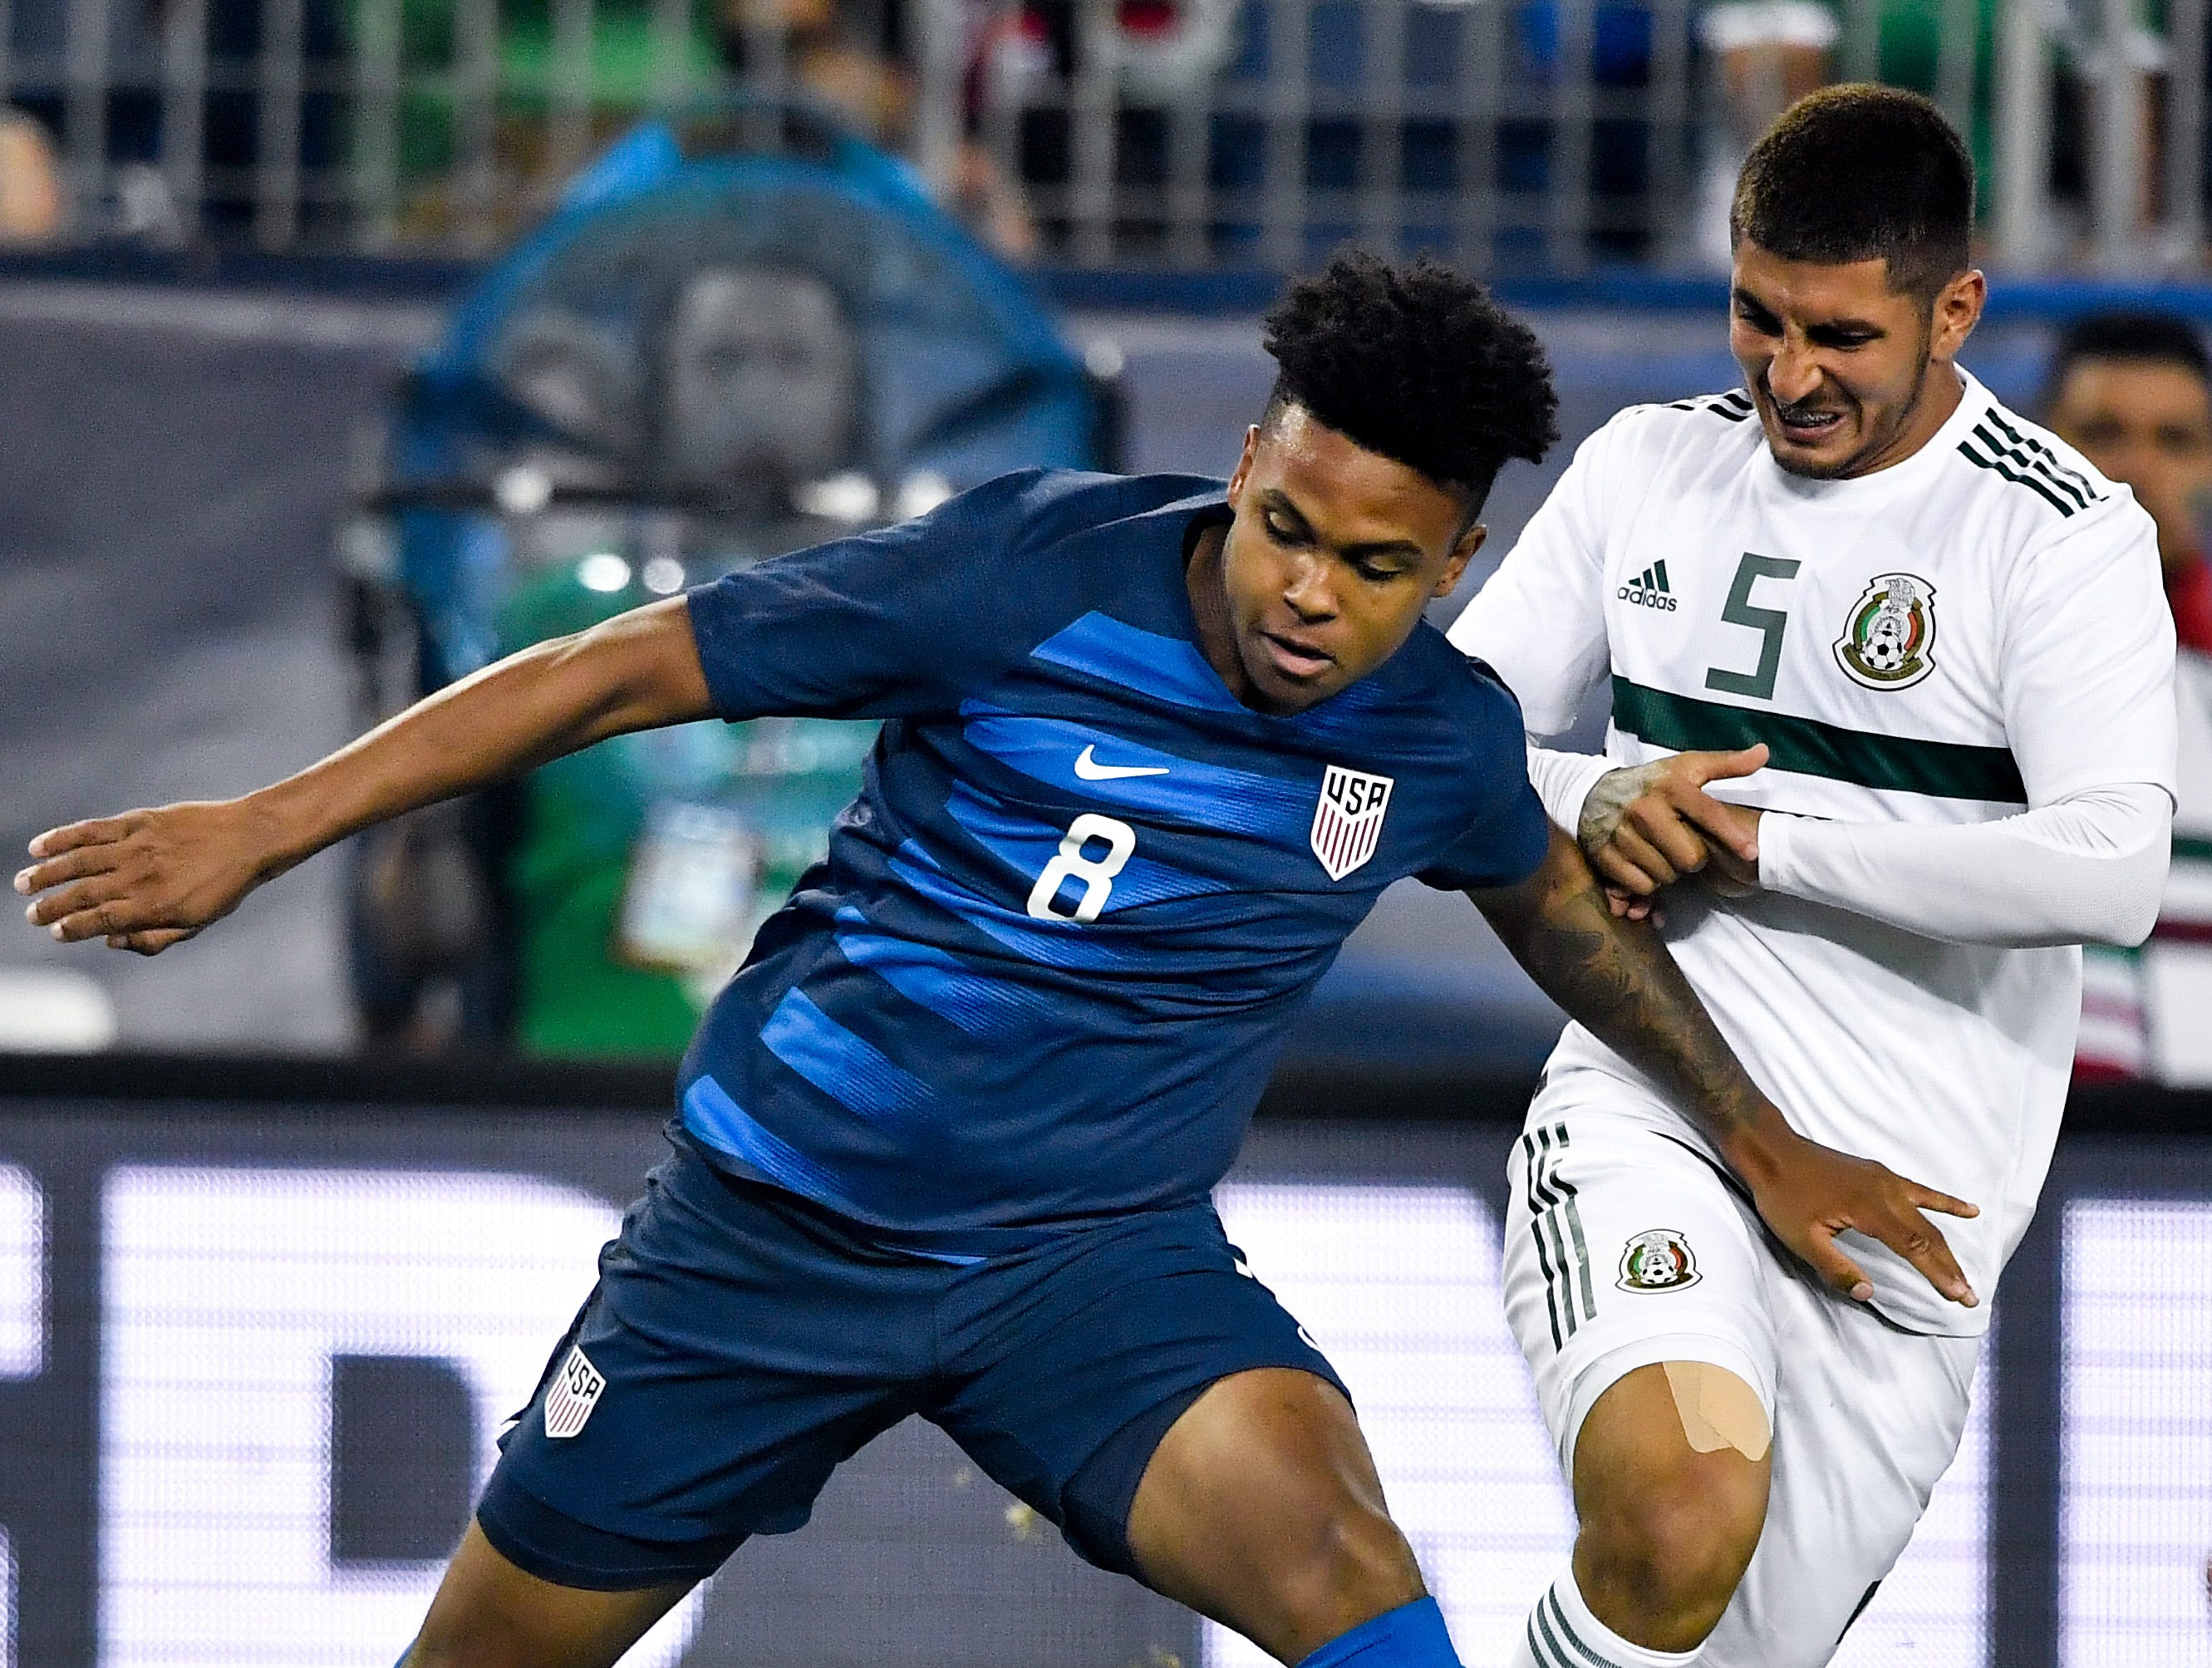 USA midfielder Weston McKennie (8) fights for the ball with Mexico midfielder Victor Guzman (5) during the first half at Nissan Stadium in Nashville, Tenn., Tuesday, Sept. 11, 2018.